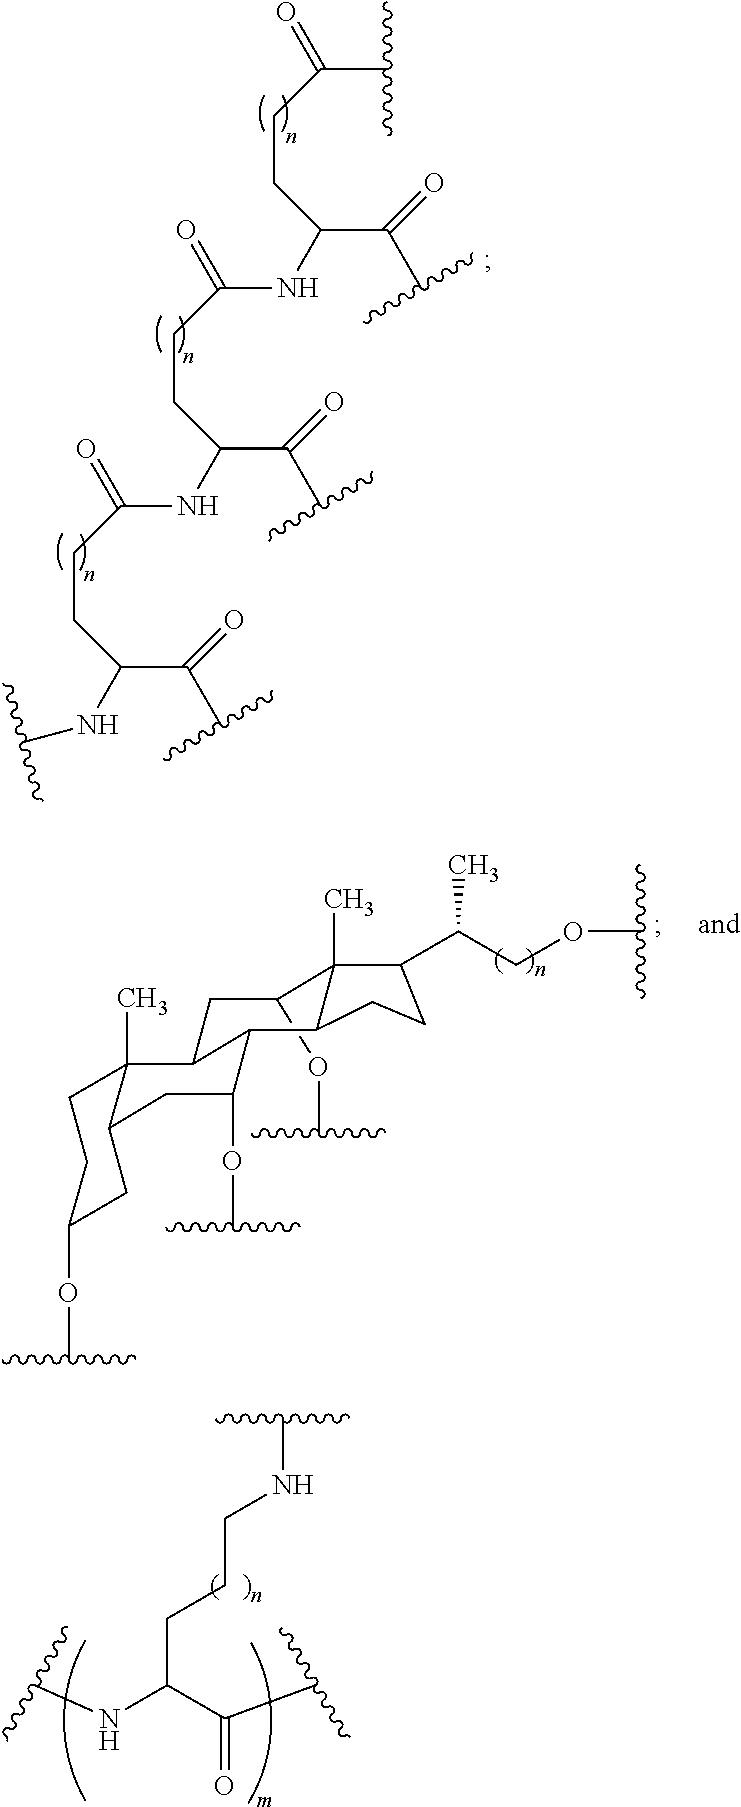 Figure US09943604-20180417-C00042